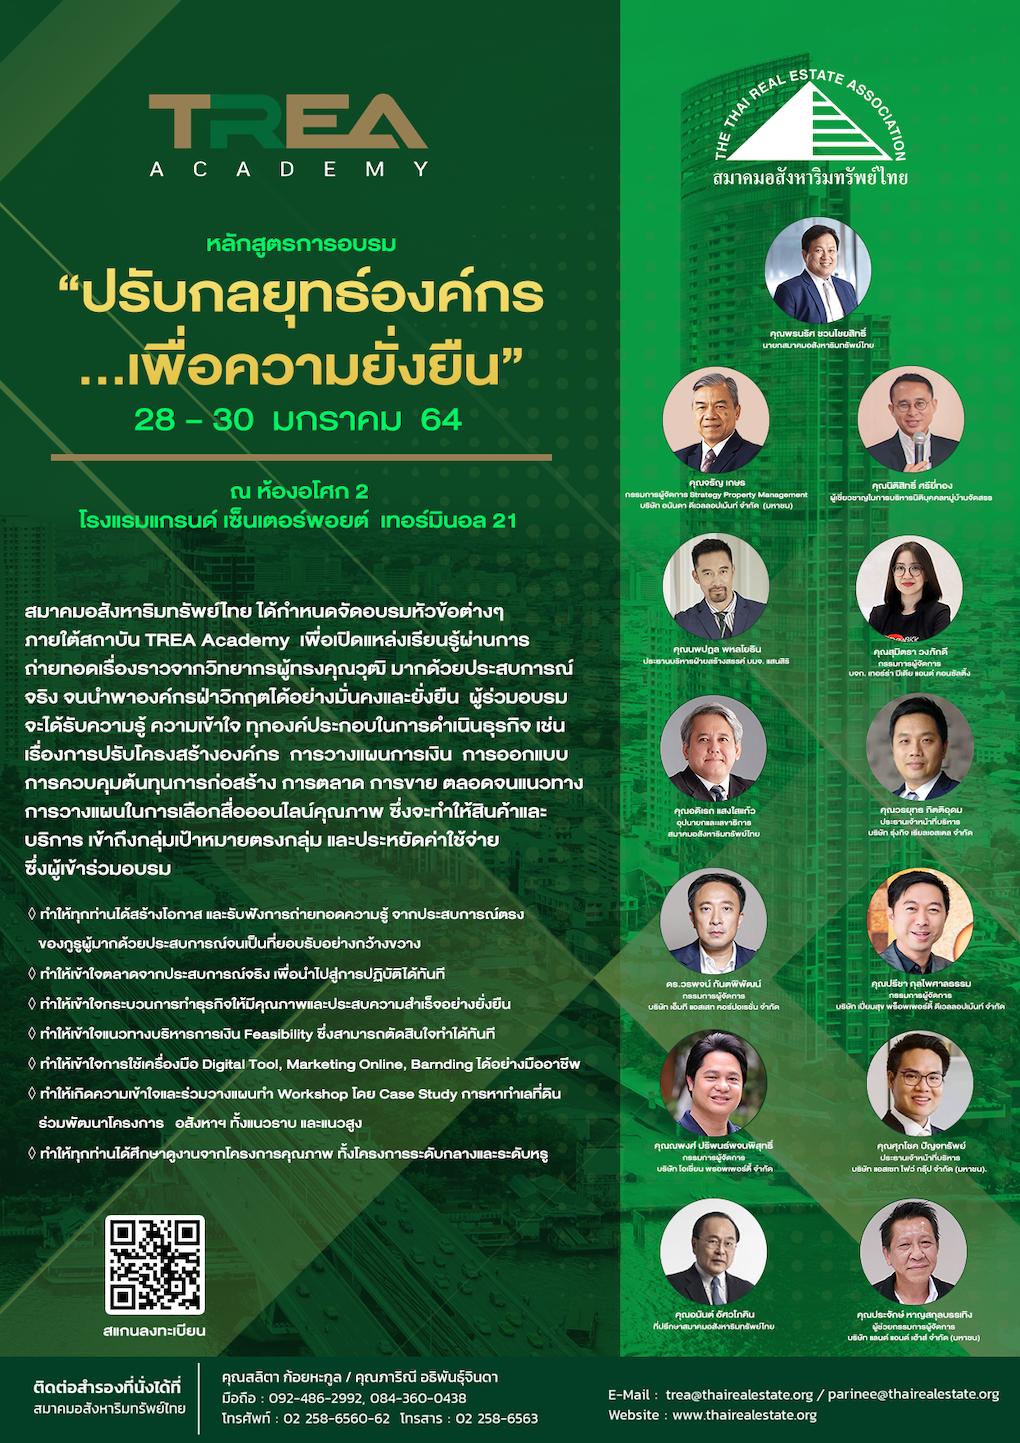 สมาคมอสังหาริมทรัพย์ไทย